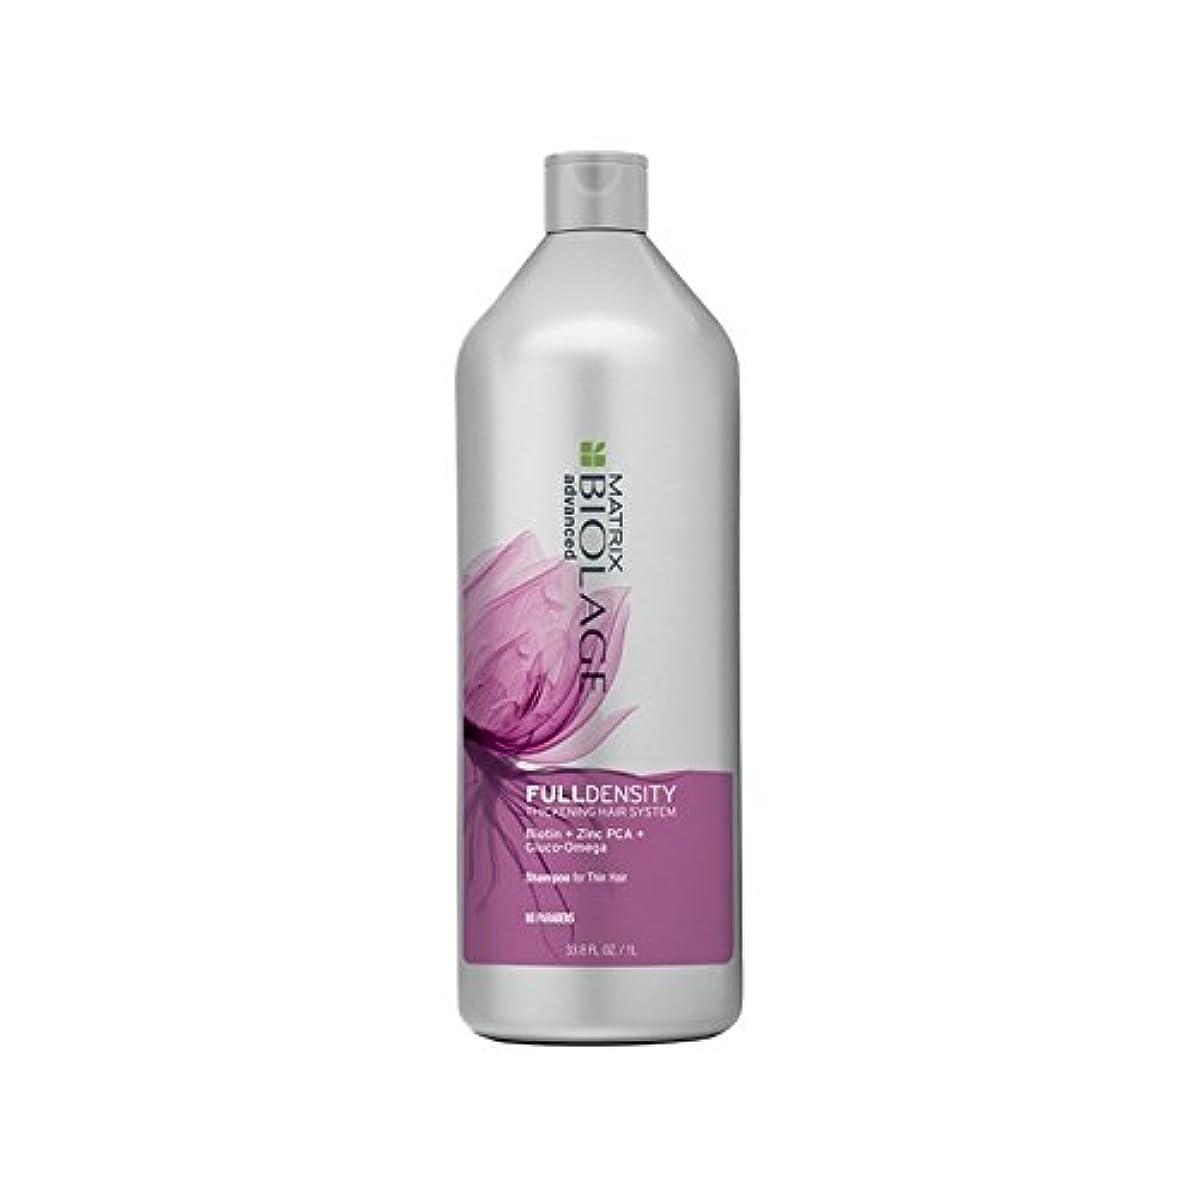 祈り微弱順応性のあるMatrix Biolage Full Density Shampoo (1000ml) (Pack of 6) - マトリックスバイオレイジ完全密度シャンプー(千ミリリットル) x6 [並行輸入品]